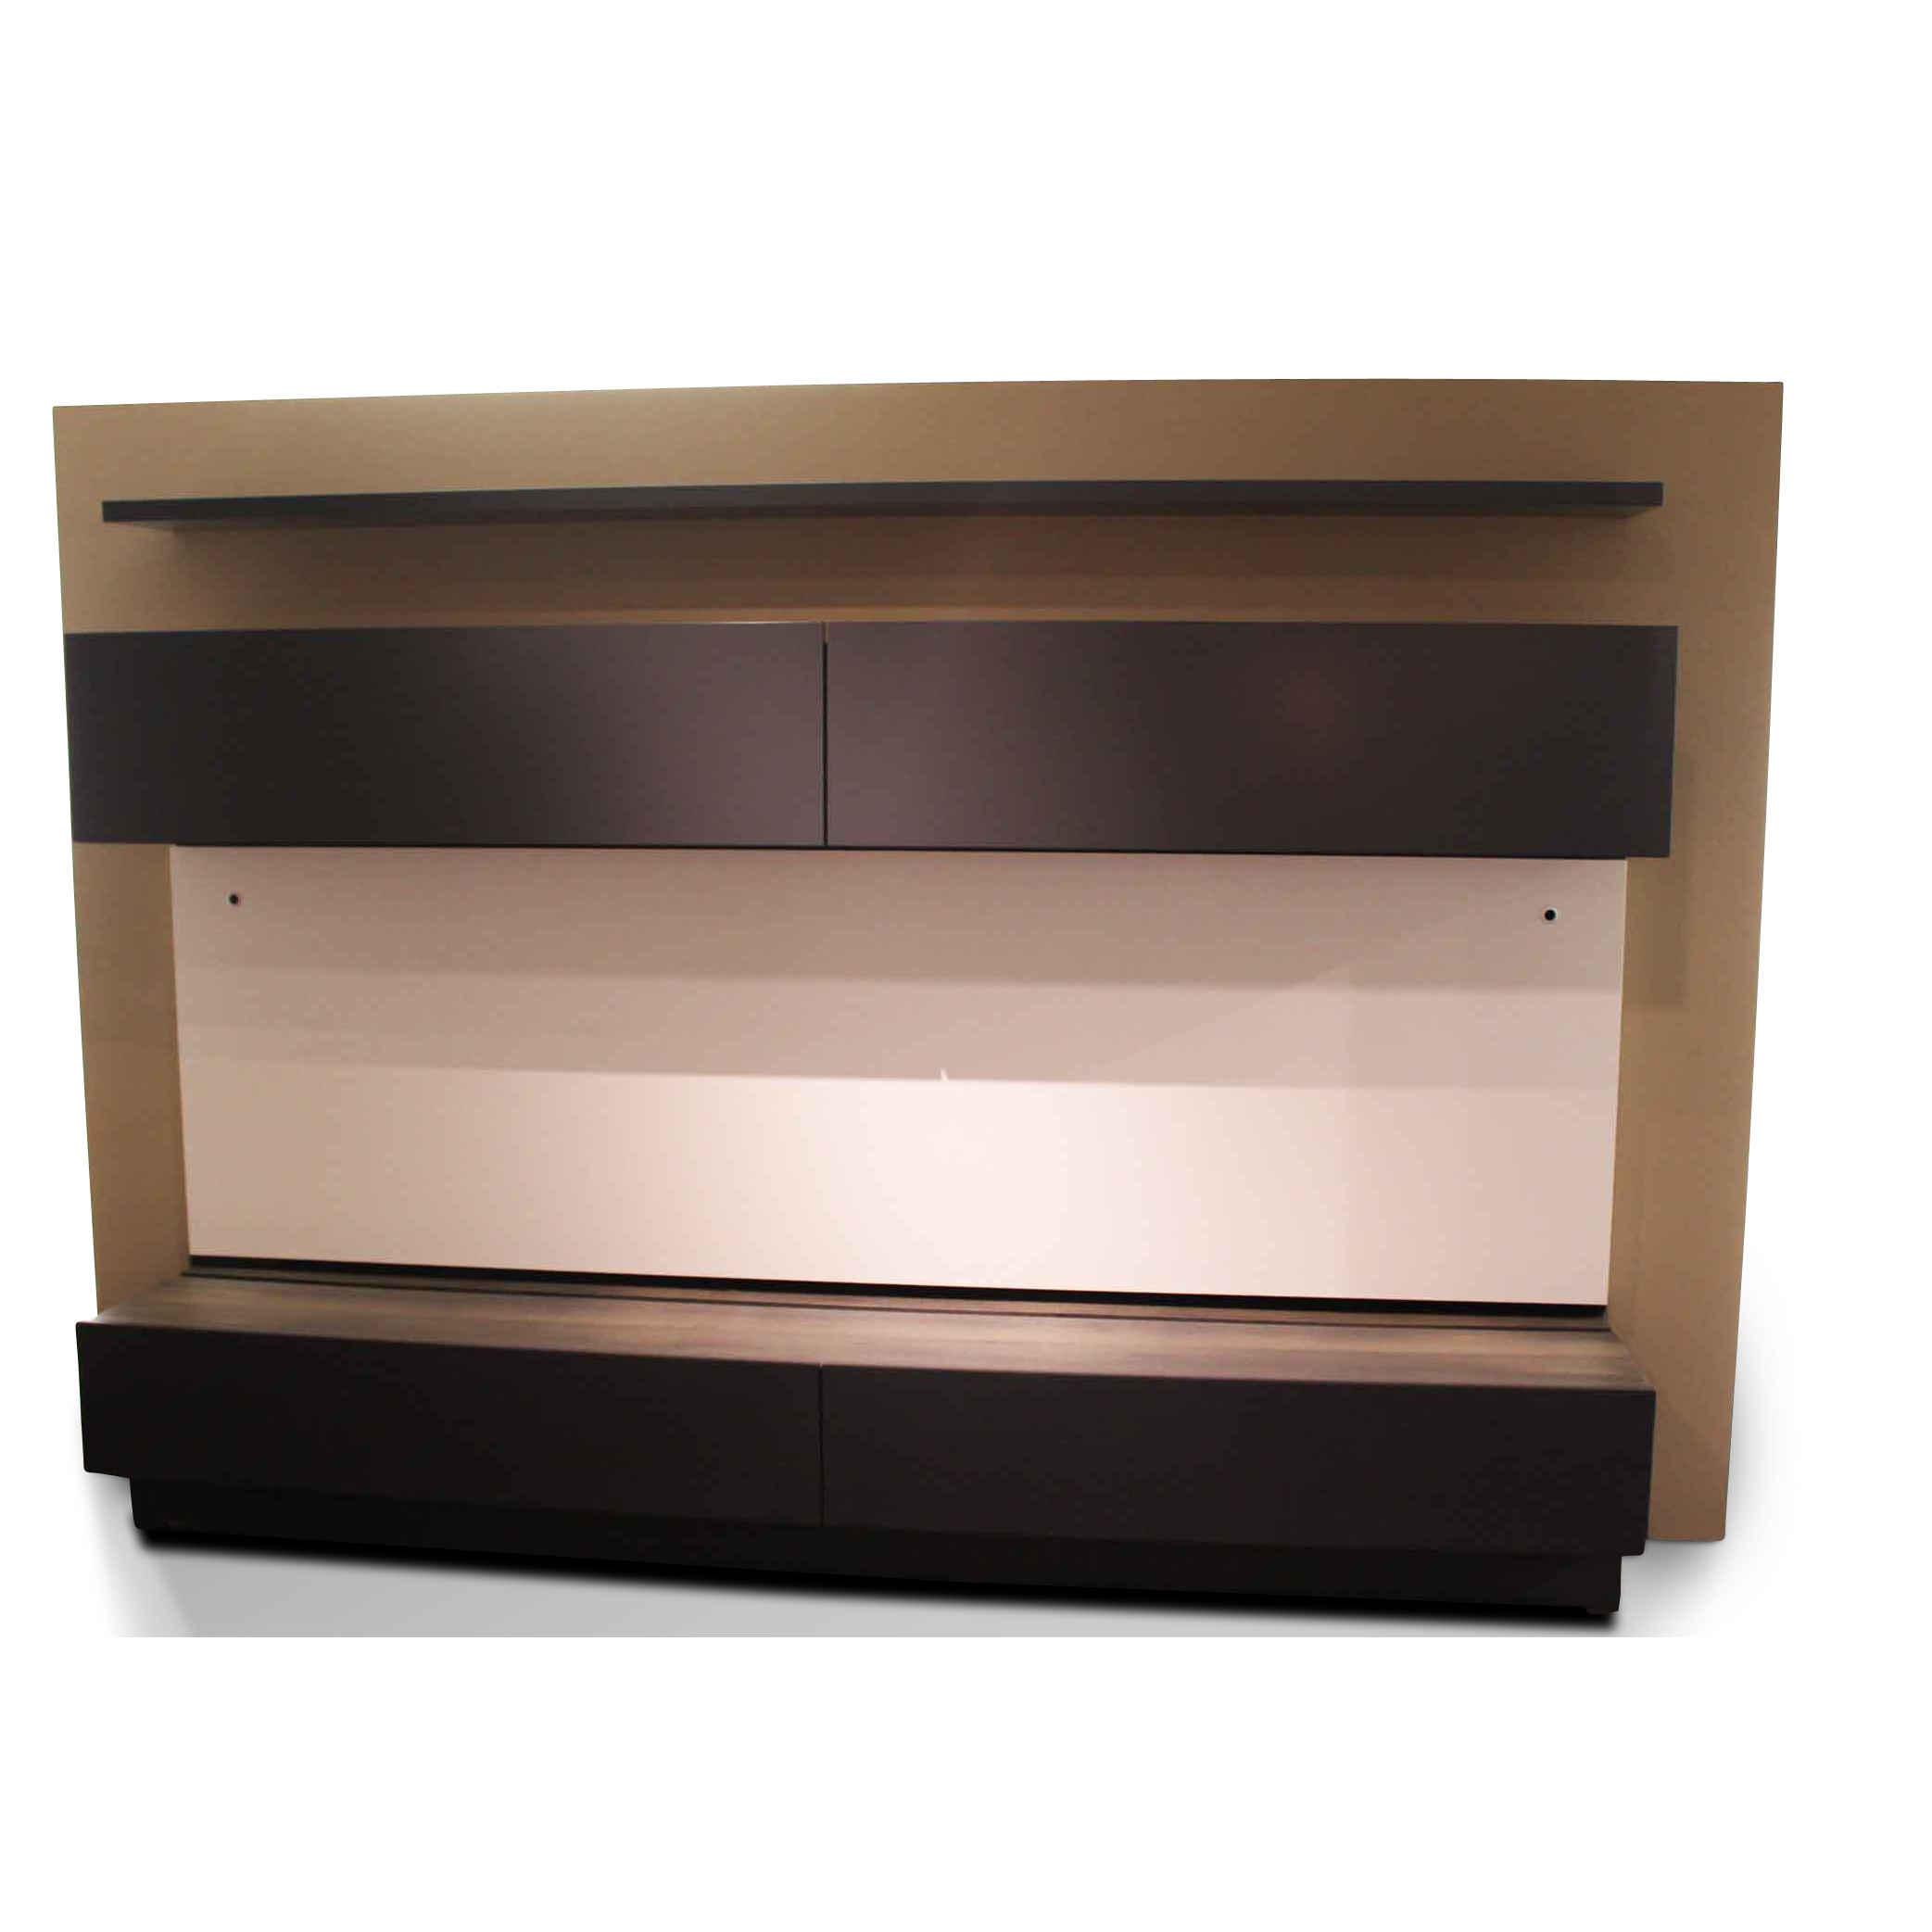 neue m bel eingetroffen ausstellungsst cke angebote online g nstig kaufen m belfirst. Black Bedroom Furniture Sets. Home Design Ideas